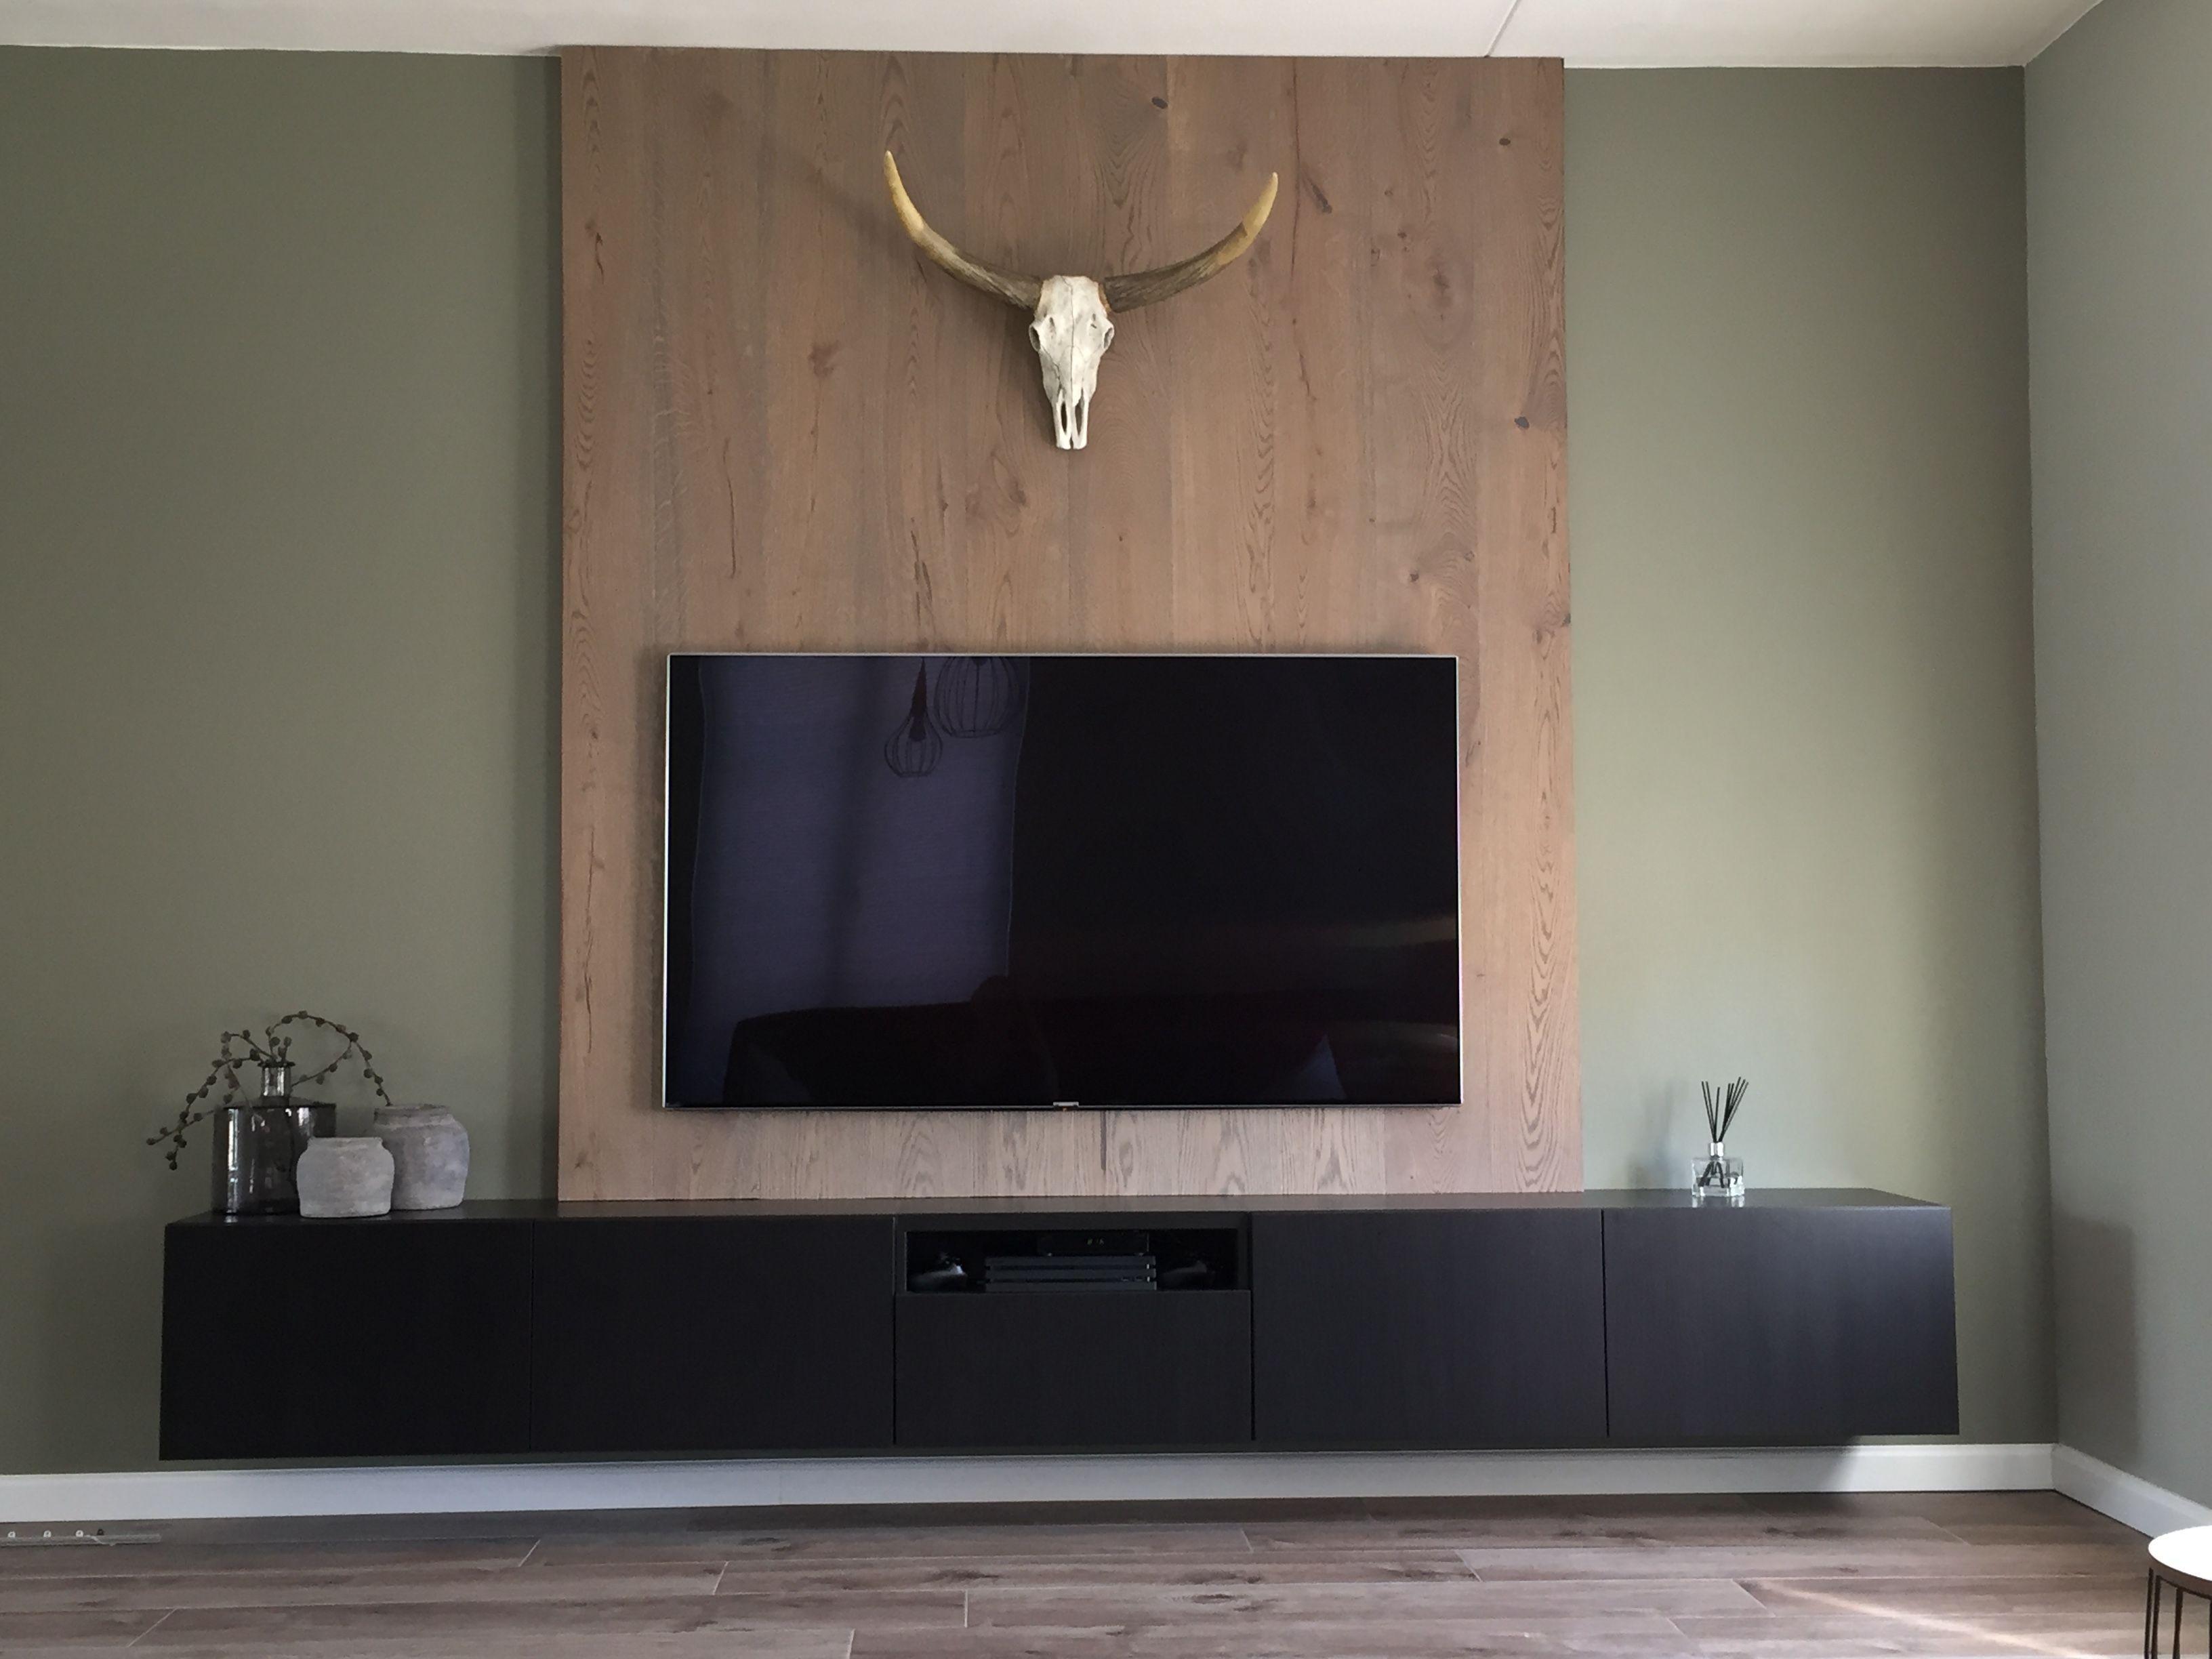 Design Meubels Houten : Tv meubel ikea houten achterwand tv wall in living room